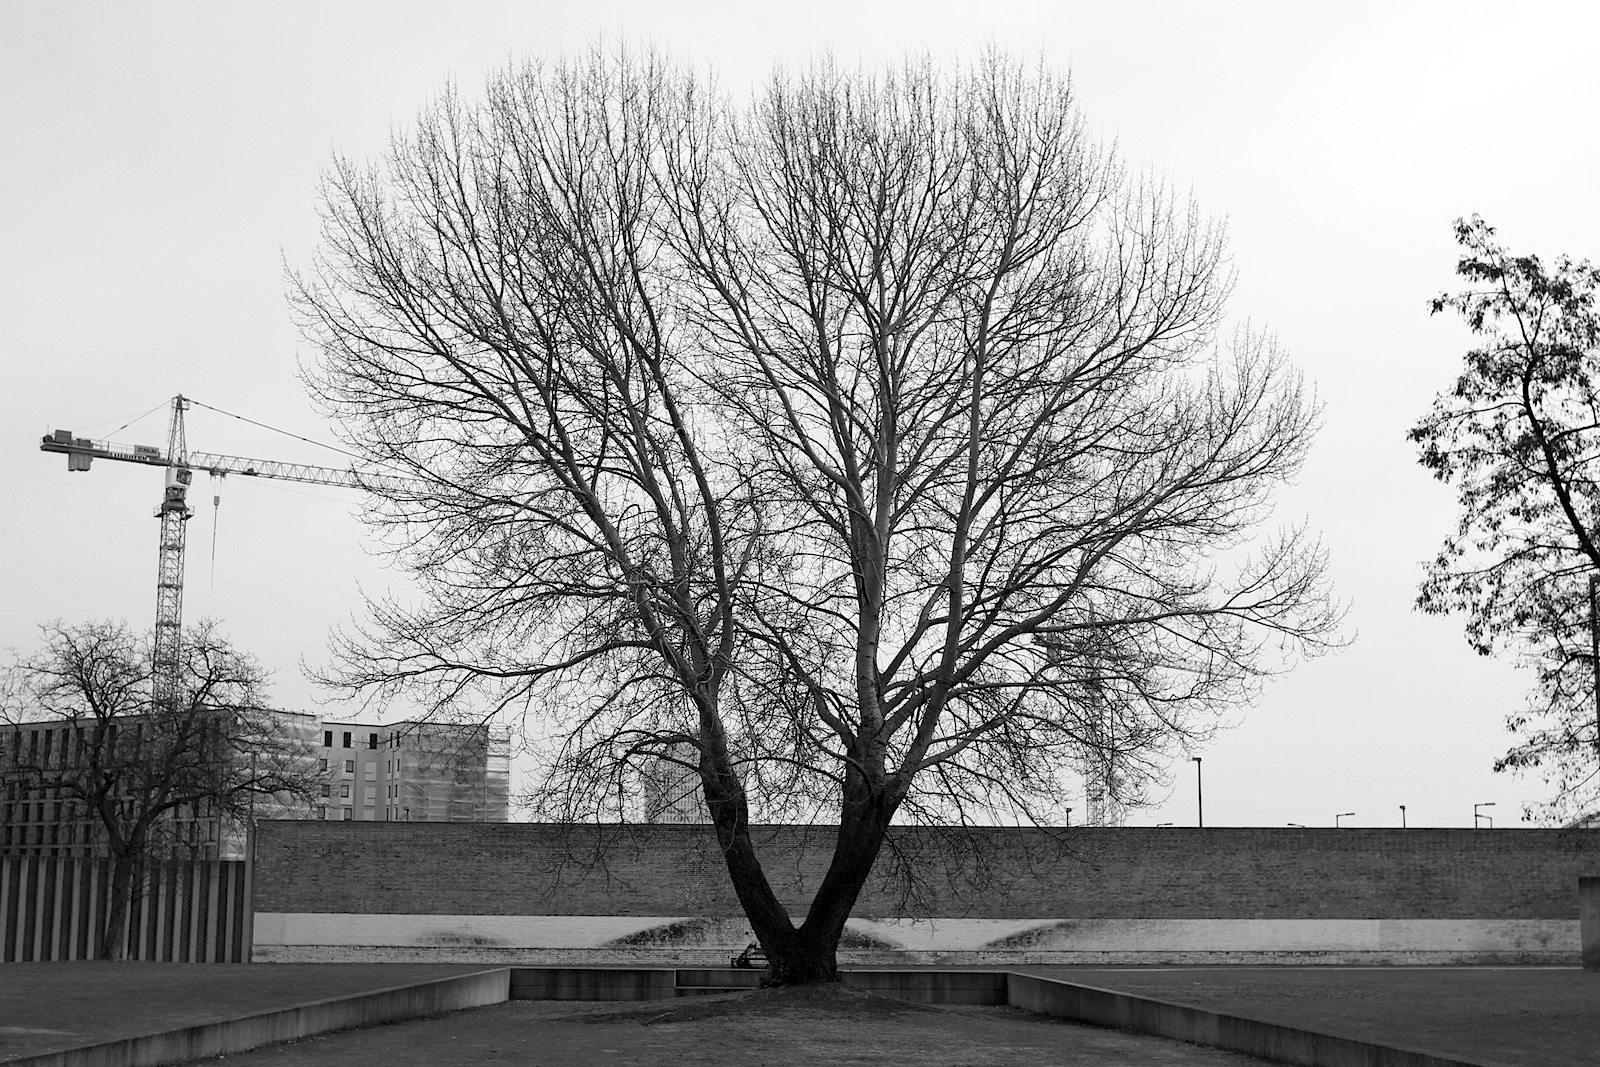 """Tageslicht als Dramaturg.  Im September 2007 erhielt das Projekt den 1.Preis des """"daylight spaces award 2007 - international architecture and design competition"""" aufgrund der besonderen Nutzung des Tageslichtes als dramaturgisches Gestaltungsmittel in Verbindung mit dem Thema des Parkes. Hinzu kam der zweite Preis des """"Made in Germany - Best of Contemporary architecture."""""""